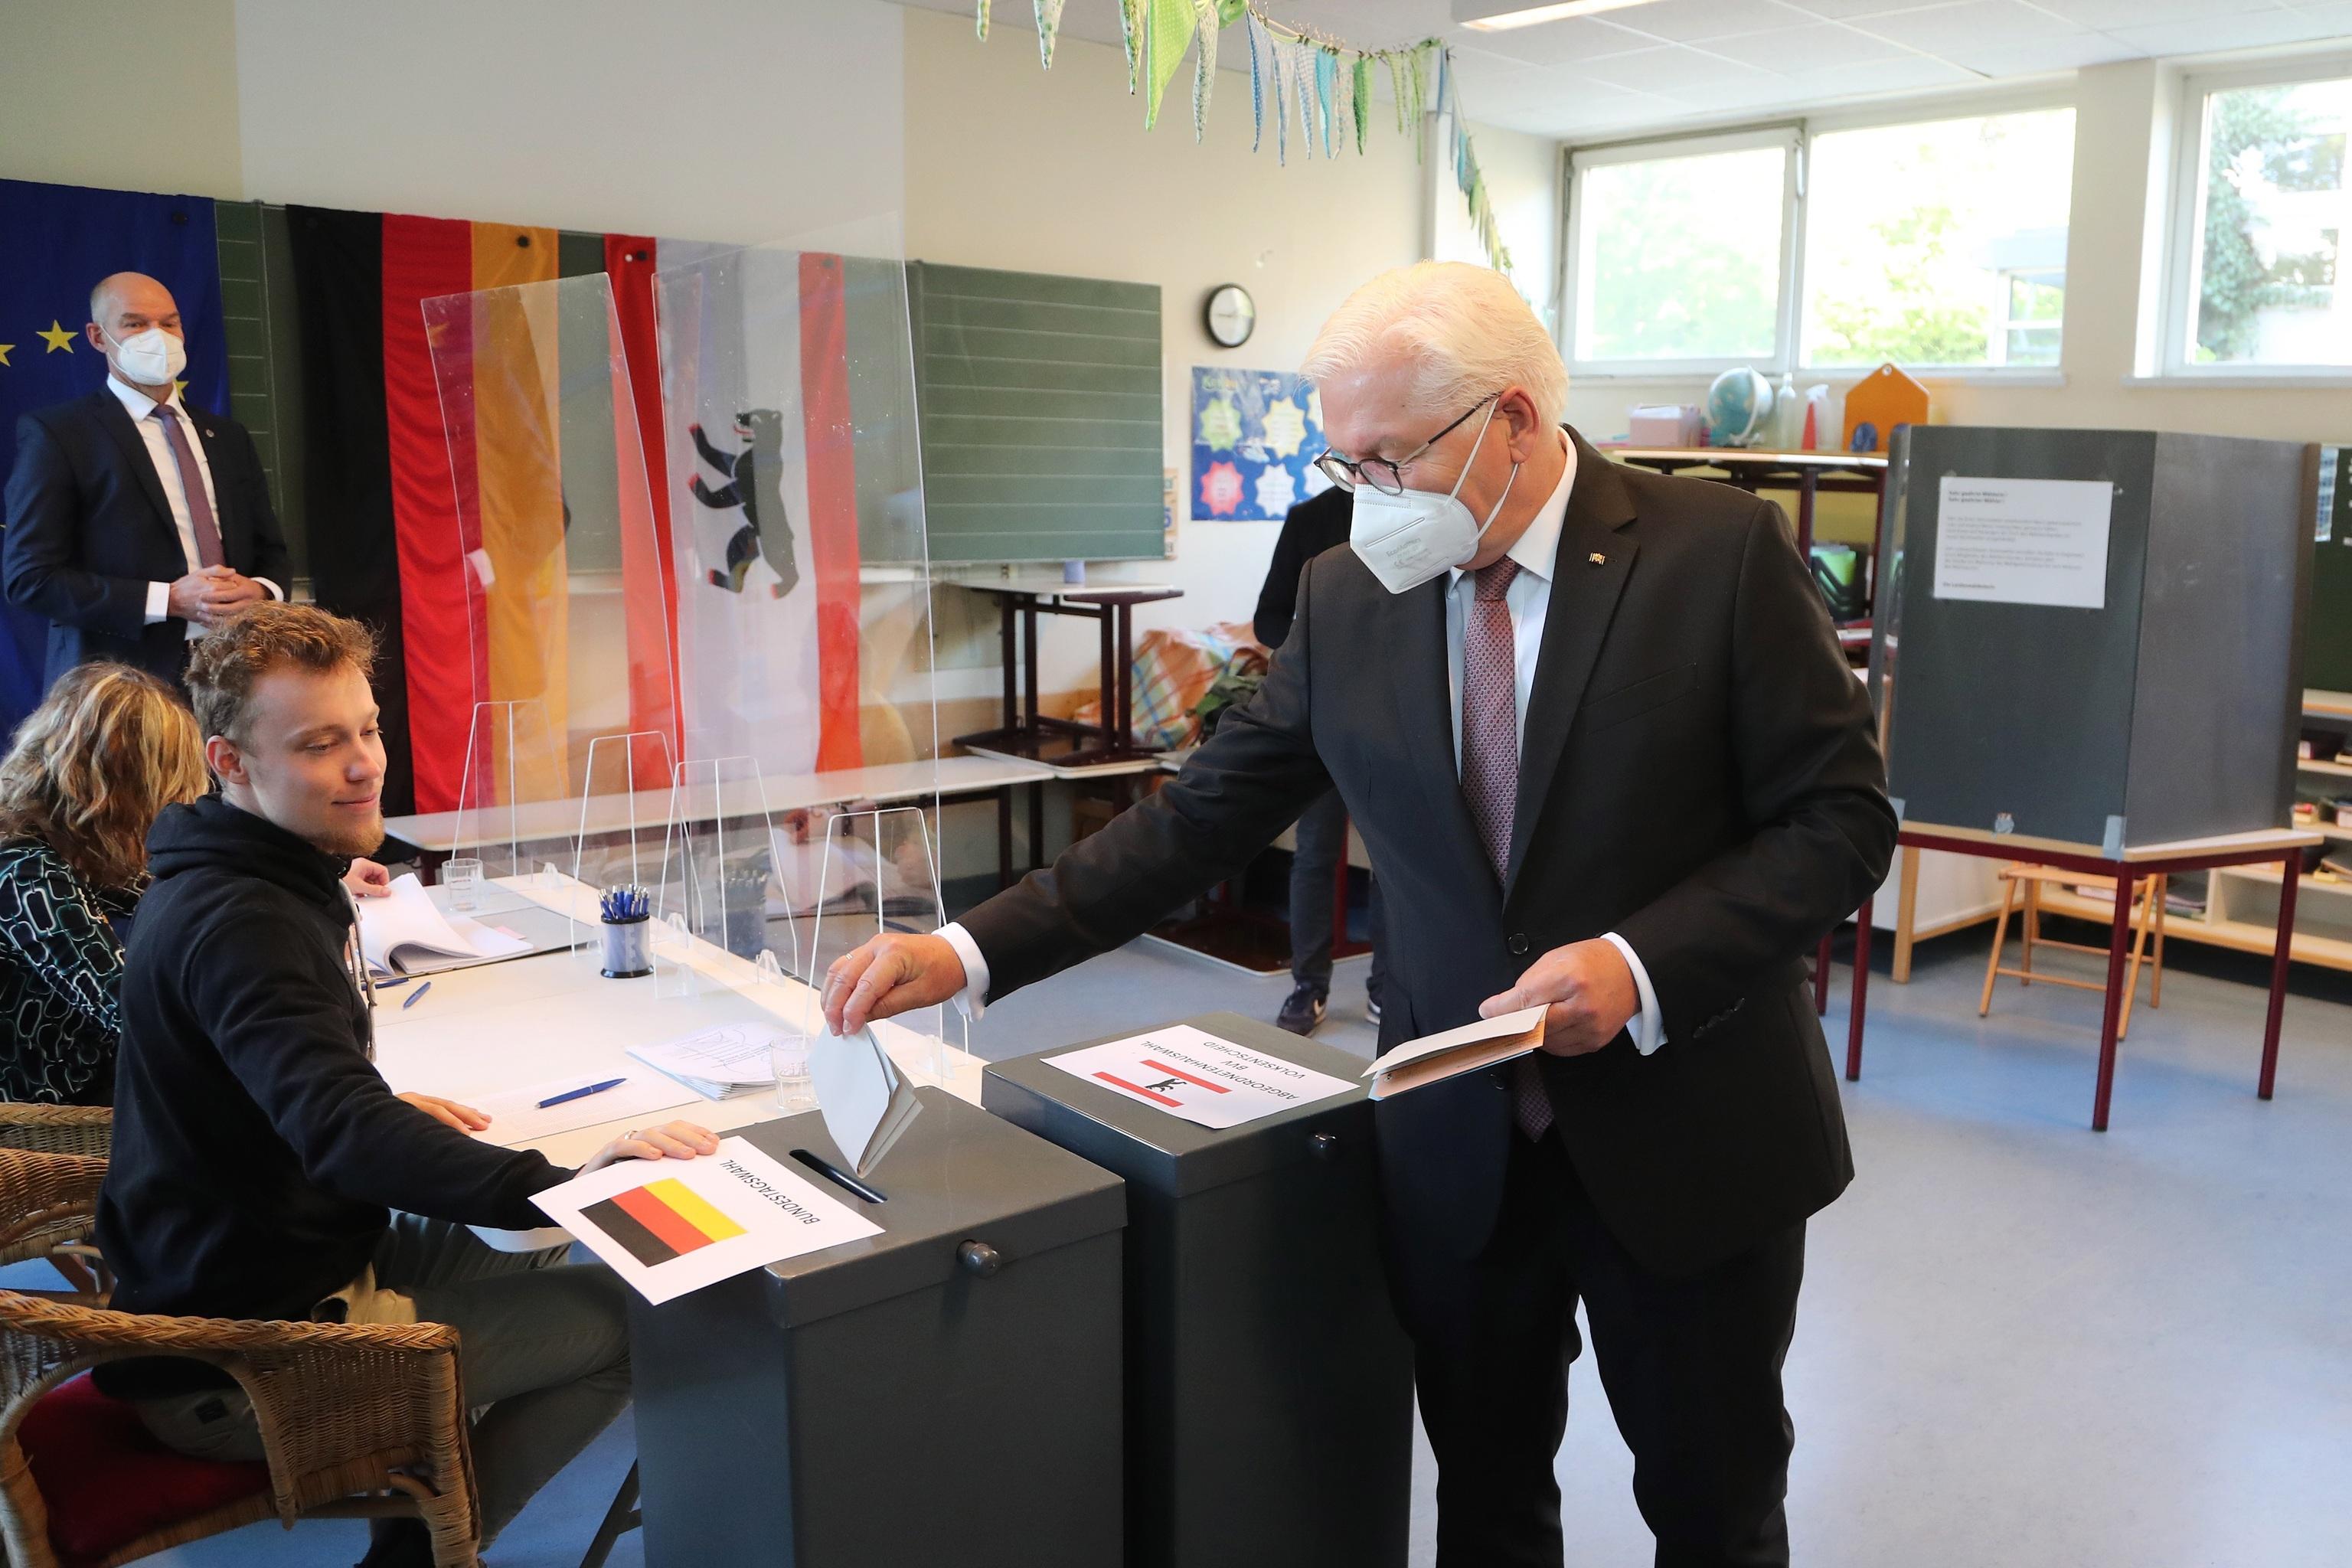 El presidente de Alemania, Frank-Walter Steinmeier, ha acudido esta mañana a votar.